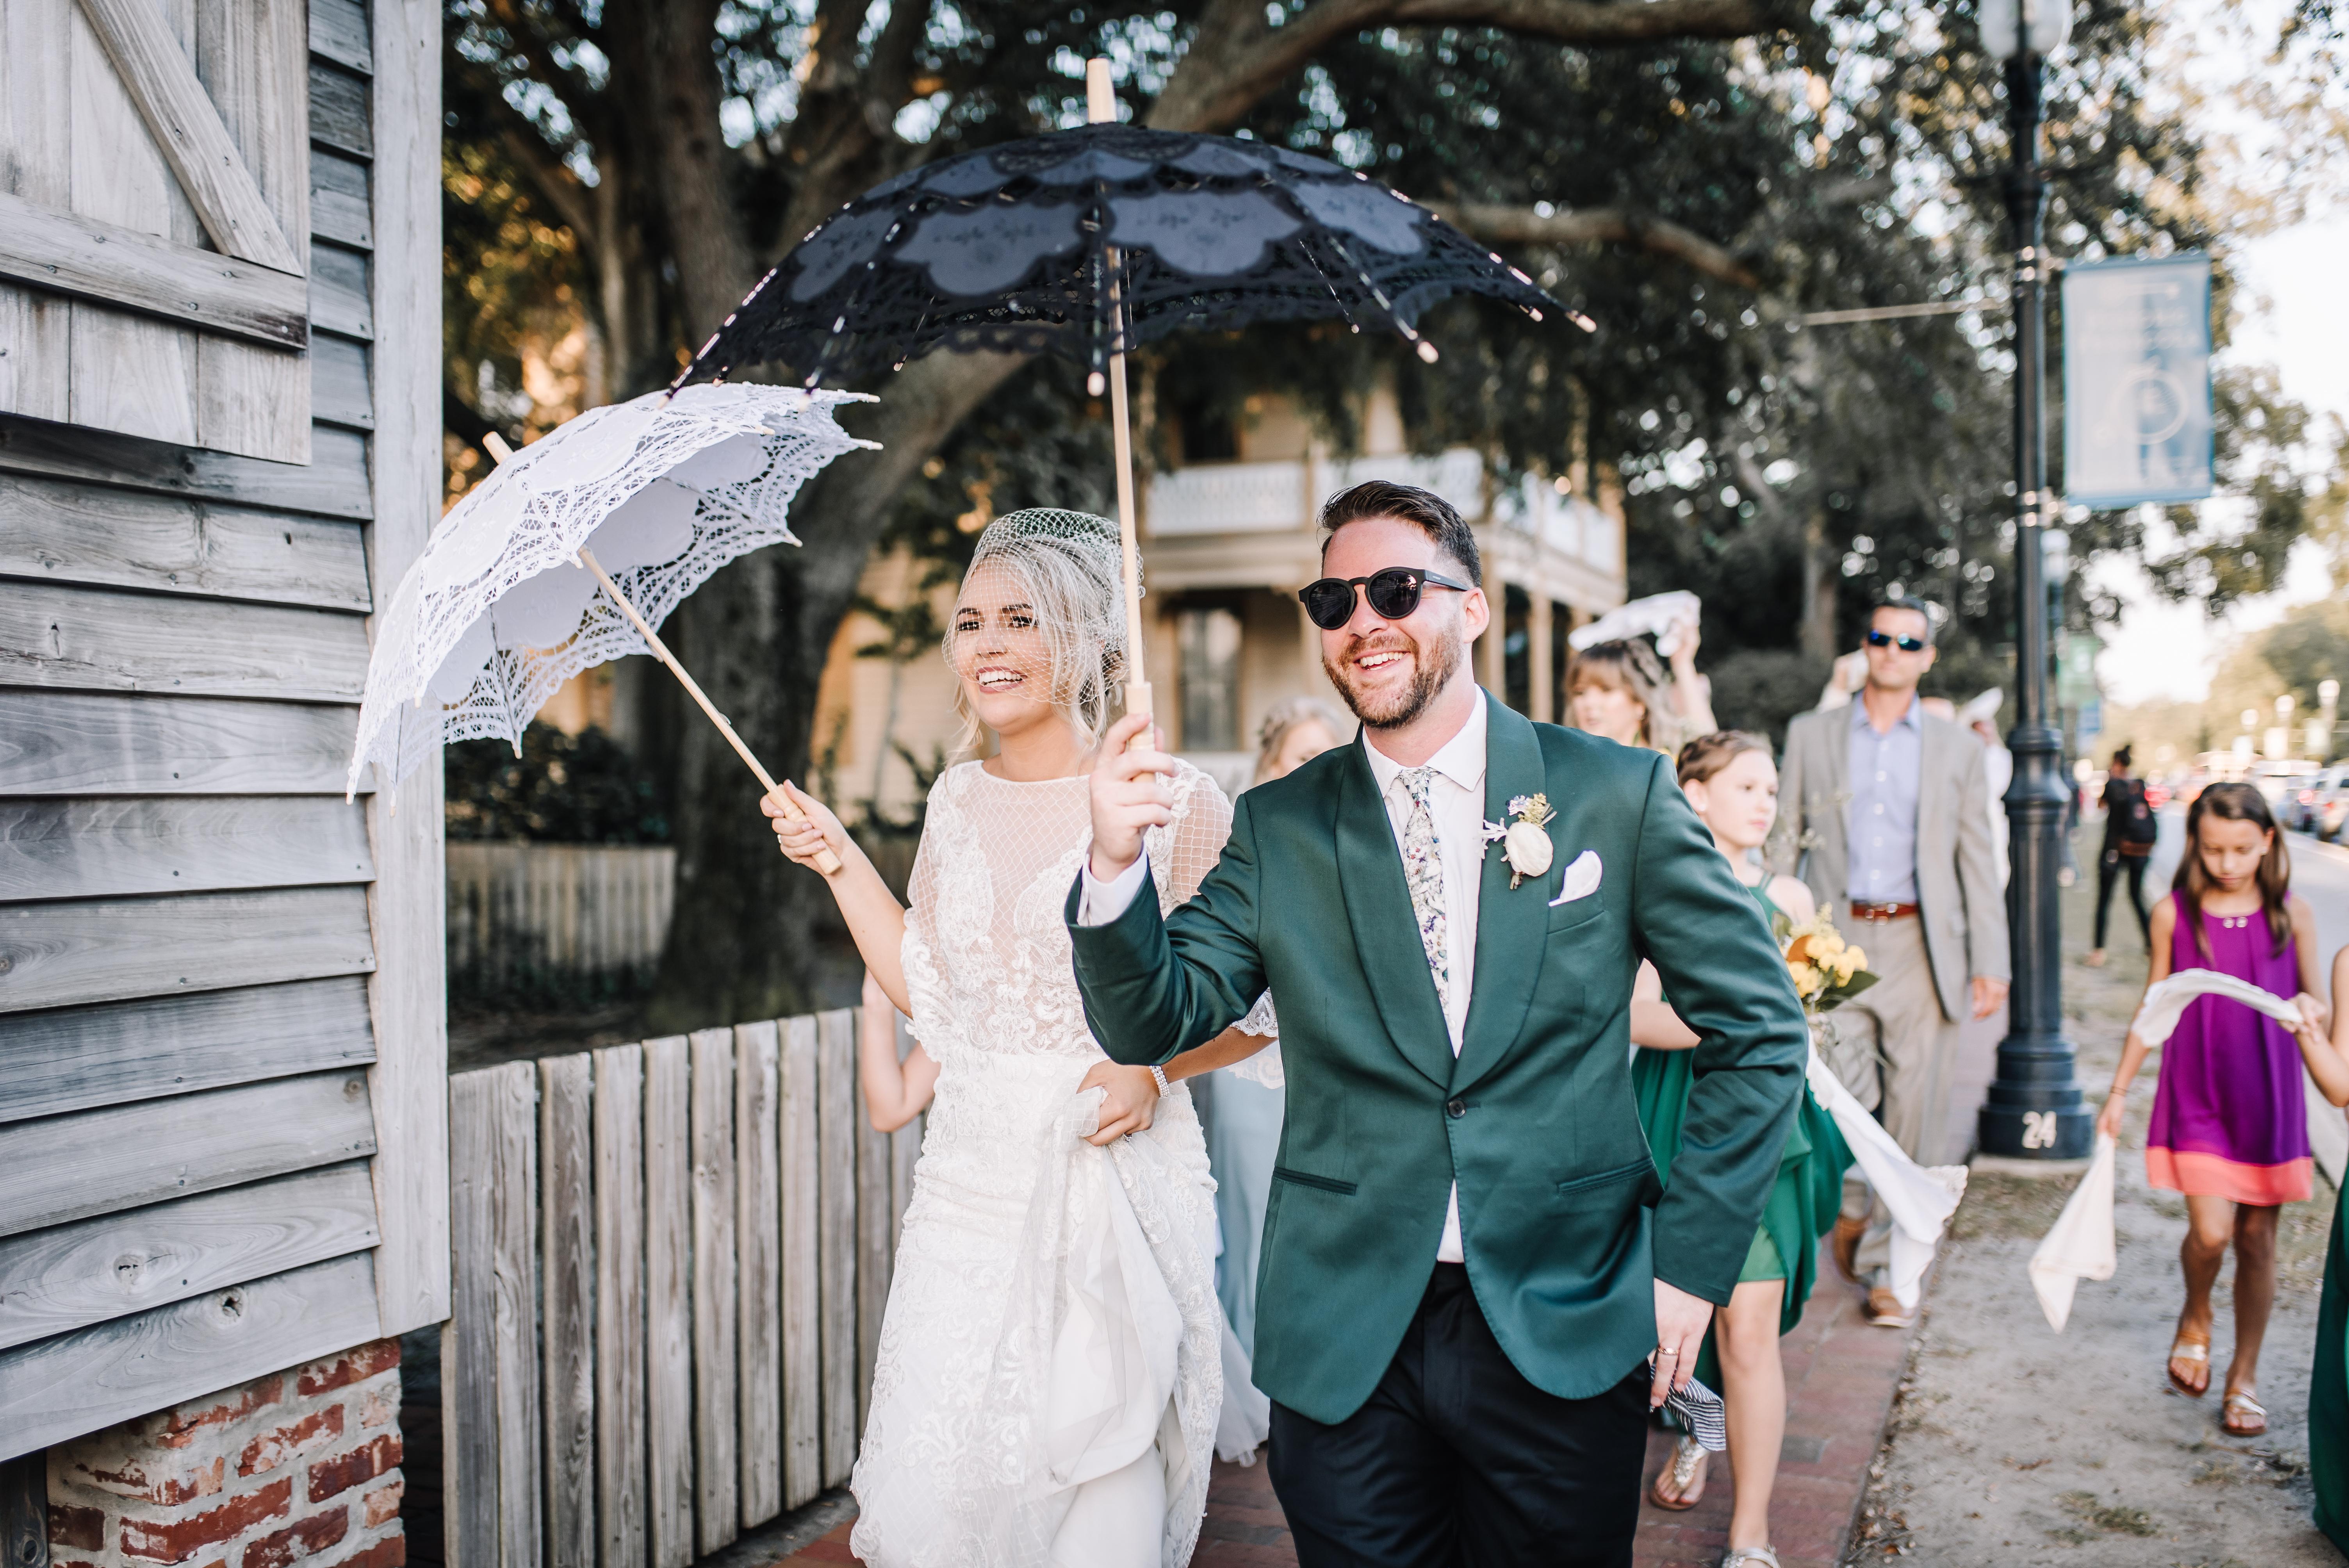 15 Unique Wedding Guest Experiences